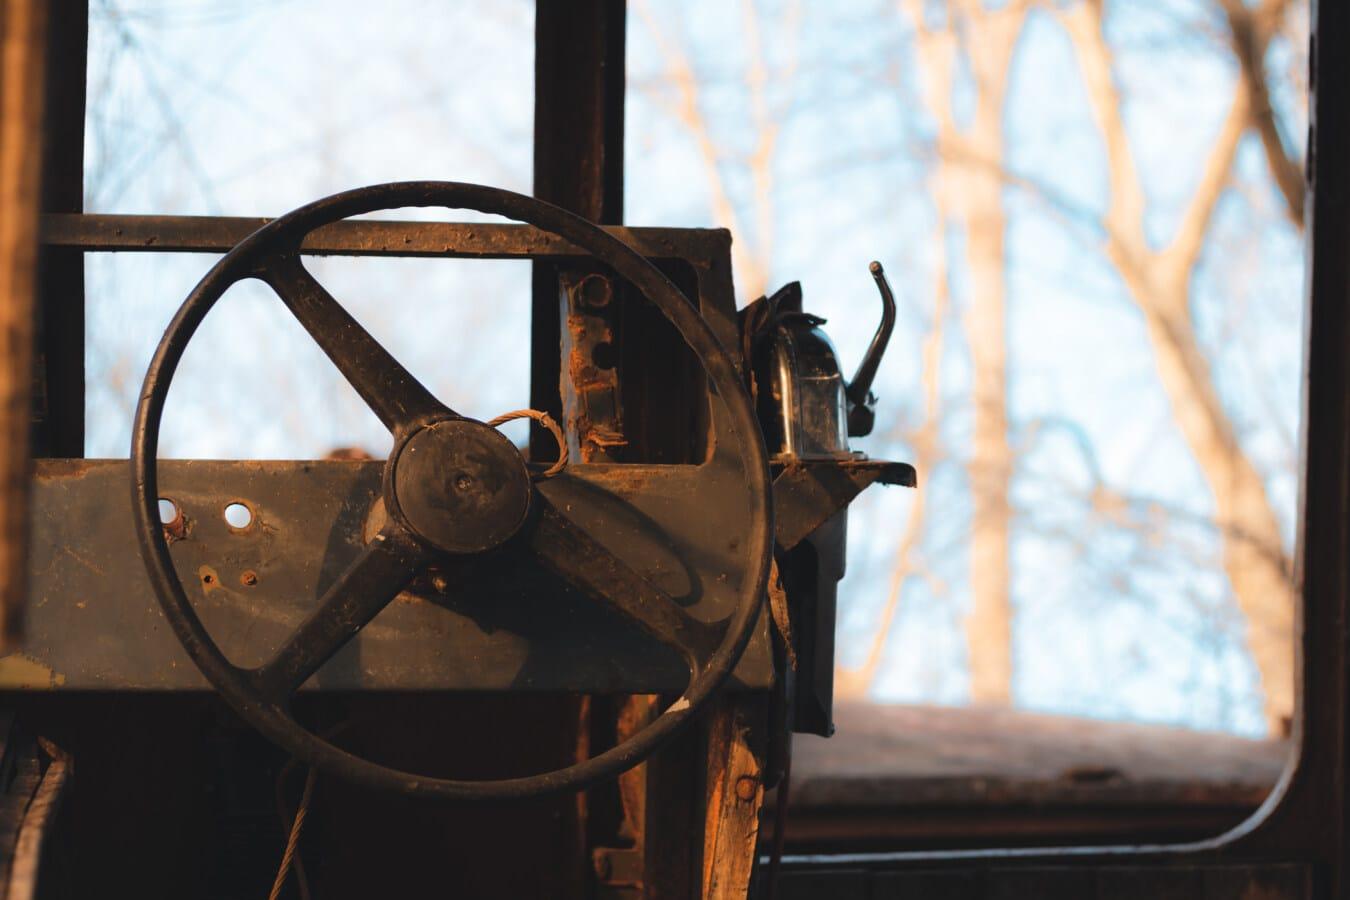 vieux, volant de direction, navire, artiste du spectacle, abandonné, carie, démodé, rouille, en acier, fer